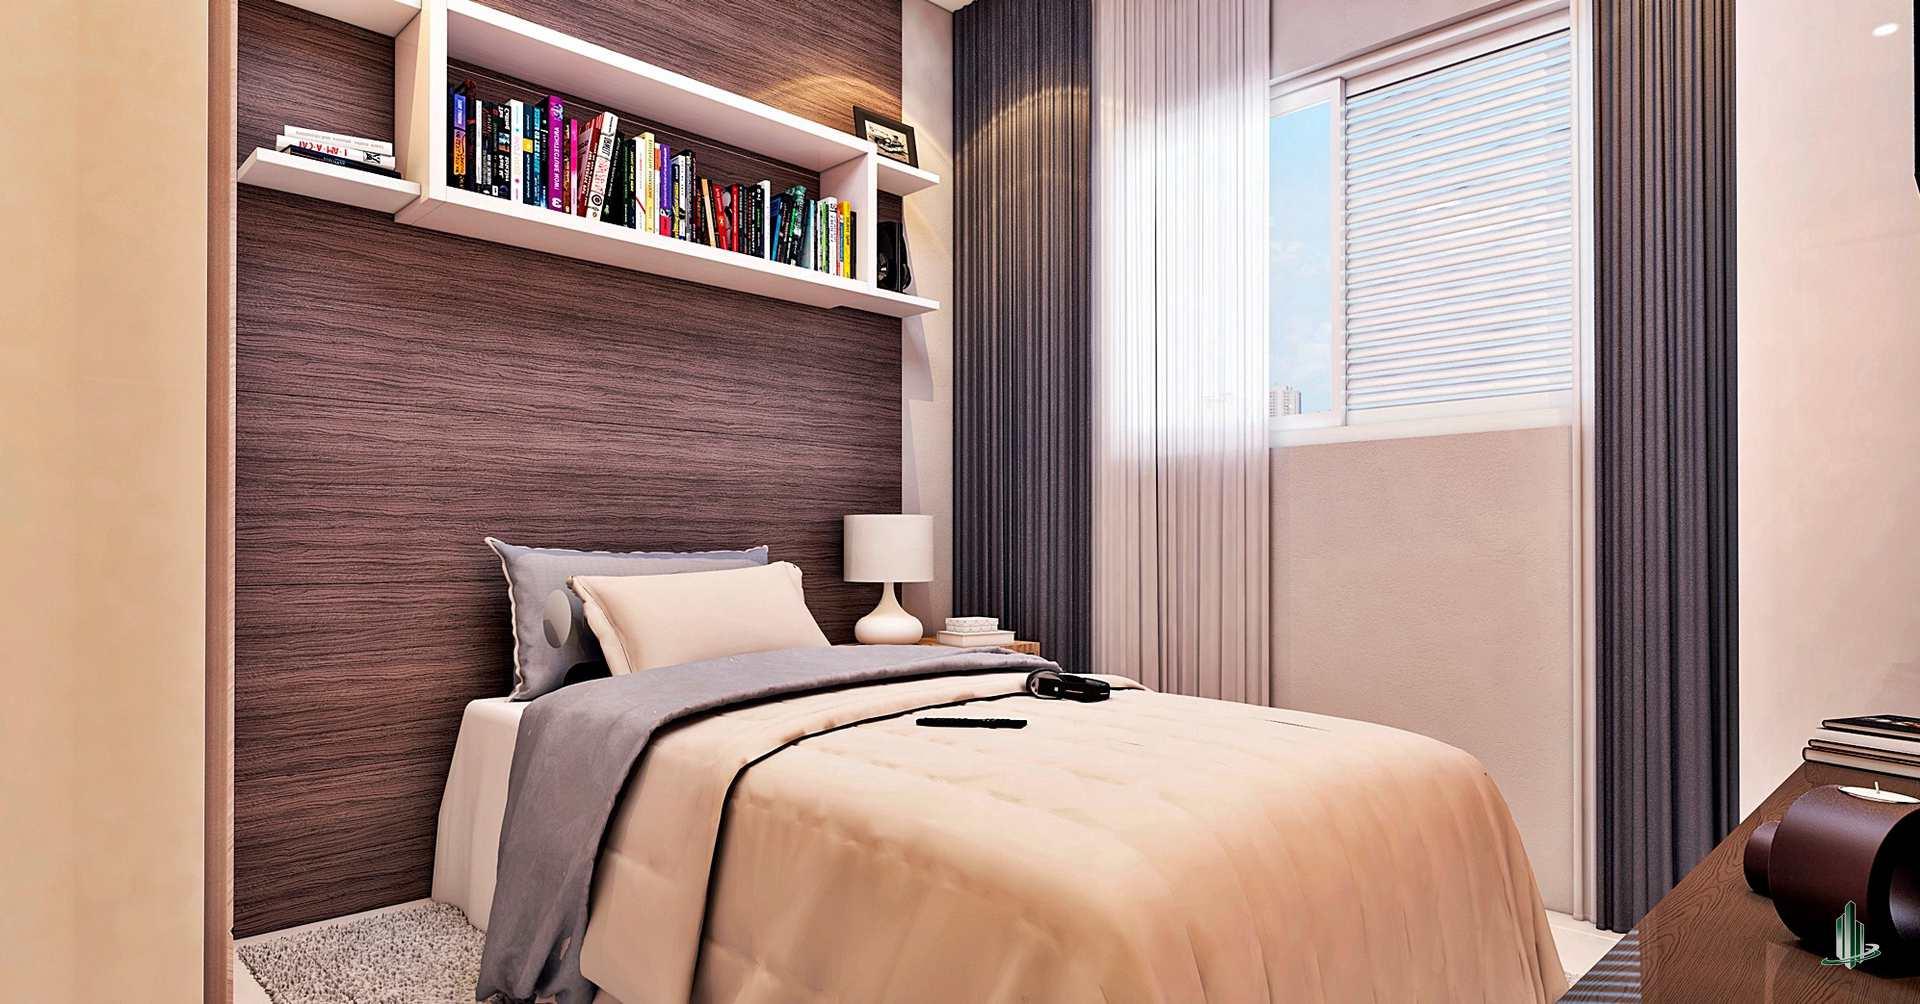 Dormitorio-Ap-Credlar-Anita-Malfatti-editado-